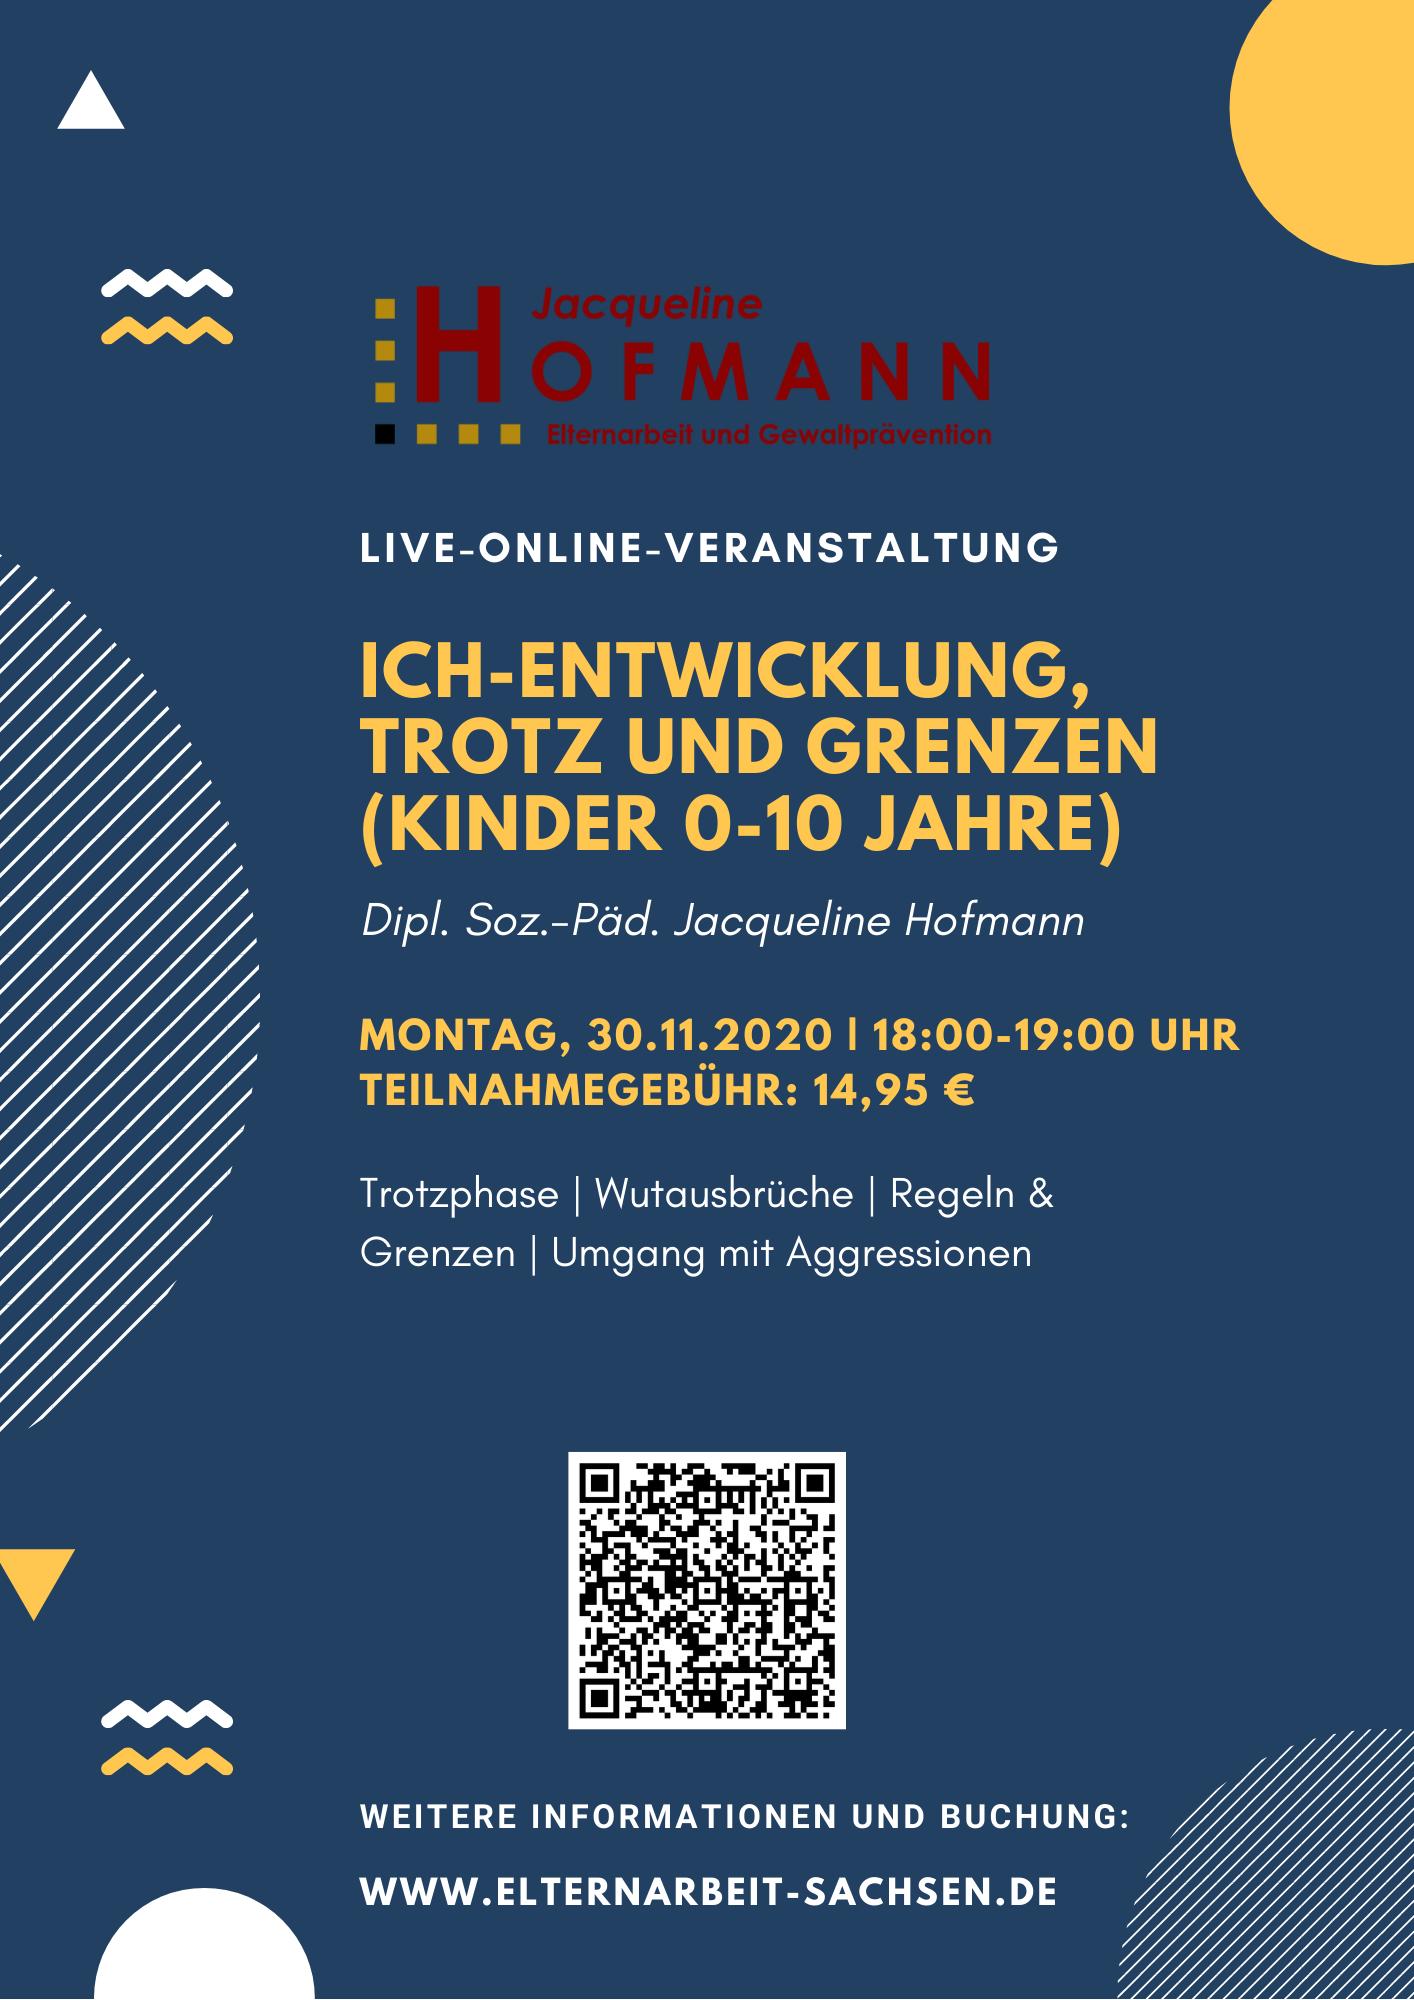 Live-Online-Veranstaltung: Ich-Entwicklung, Trotz und Grenzen (0-10 Jahre)